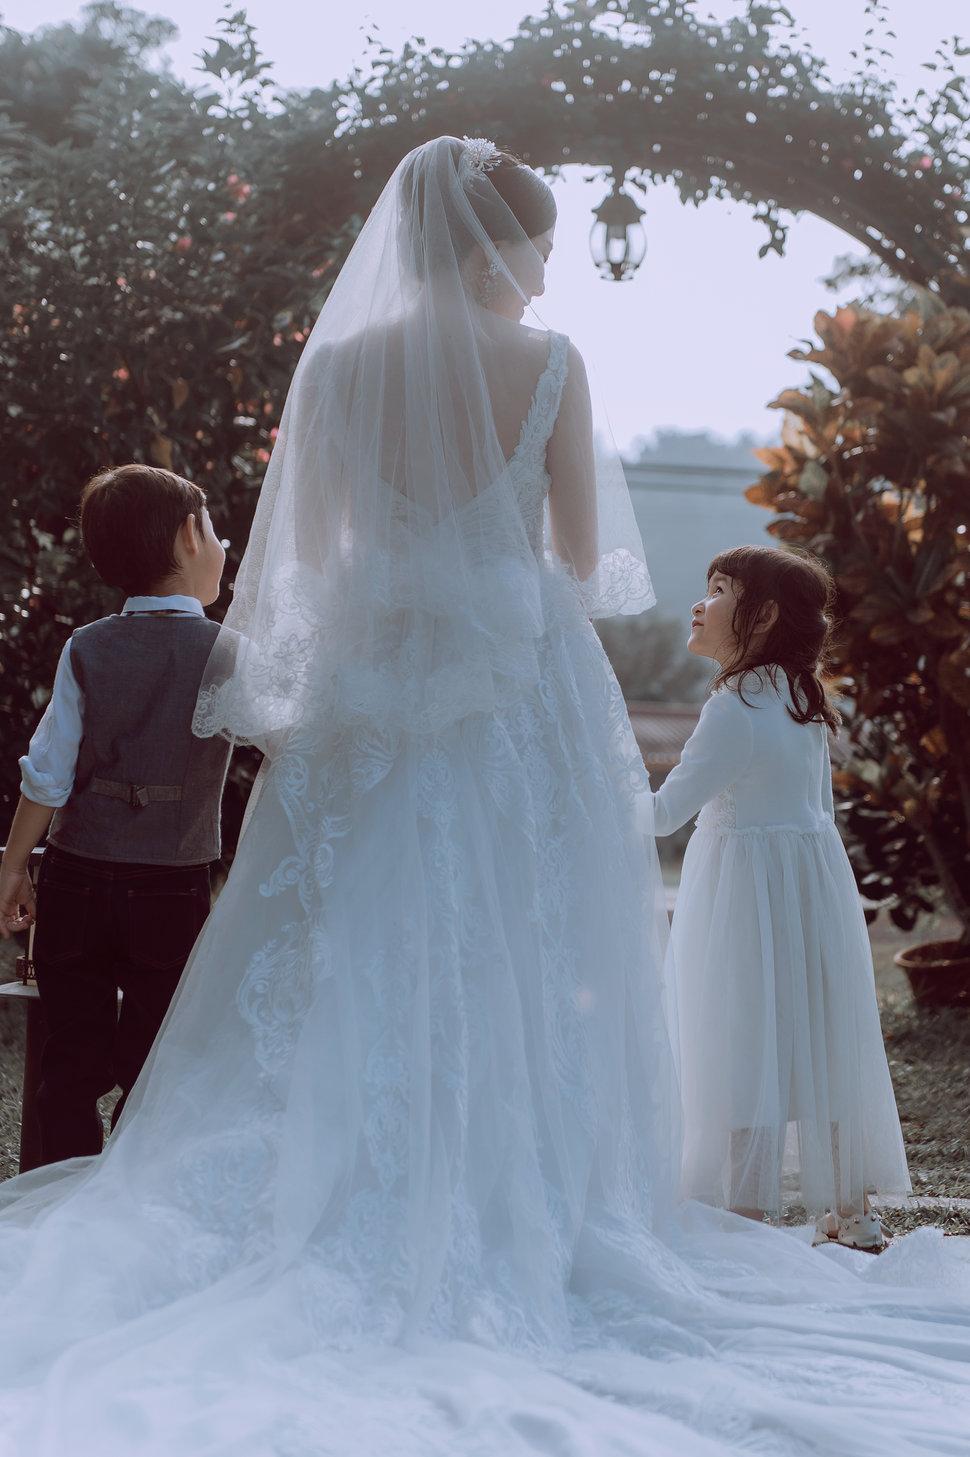 20191026-8 - 許仙 XuXian攝影工作室《結婚吧》